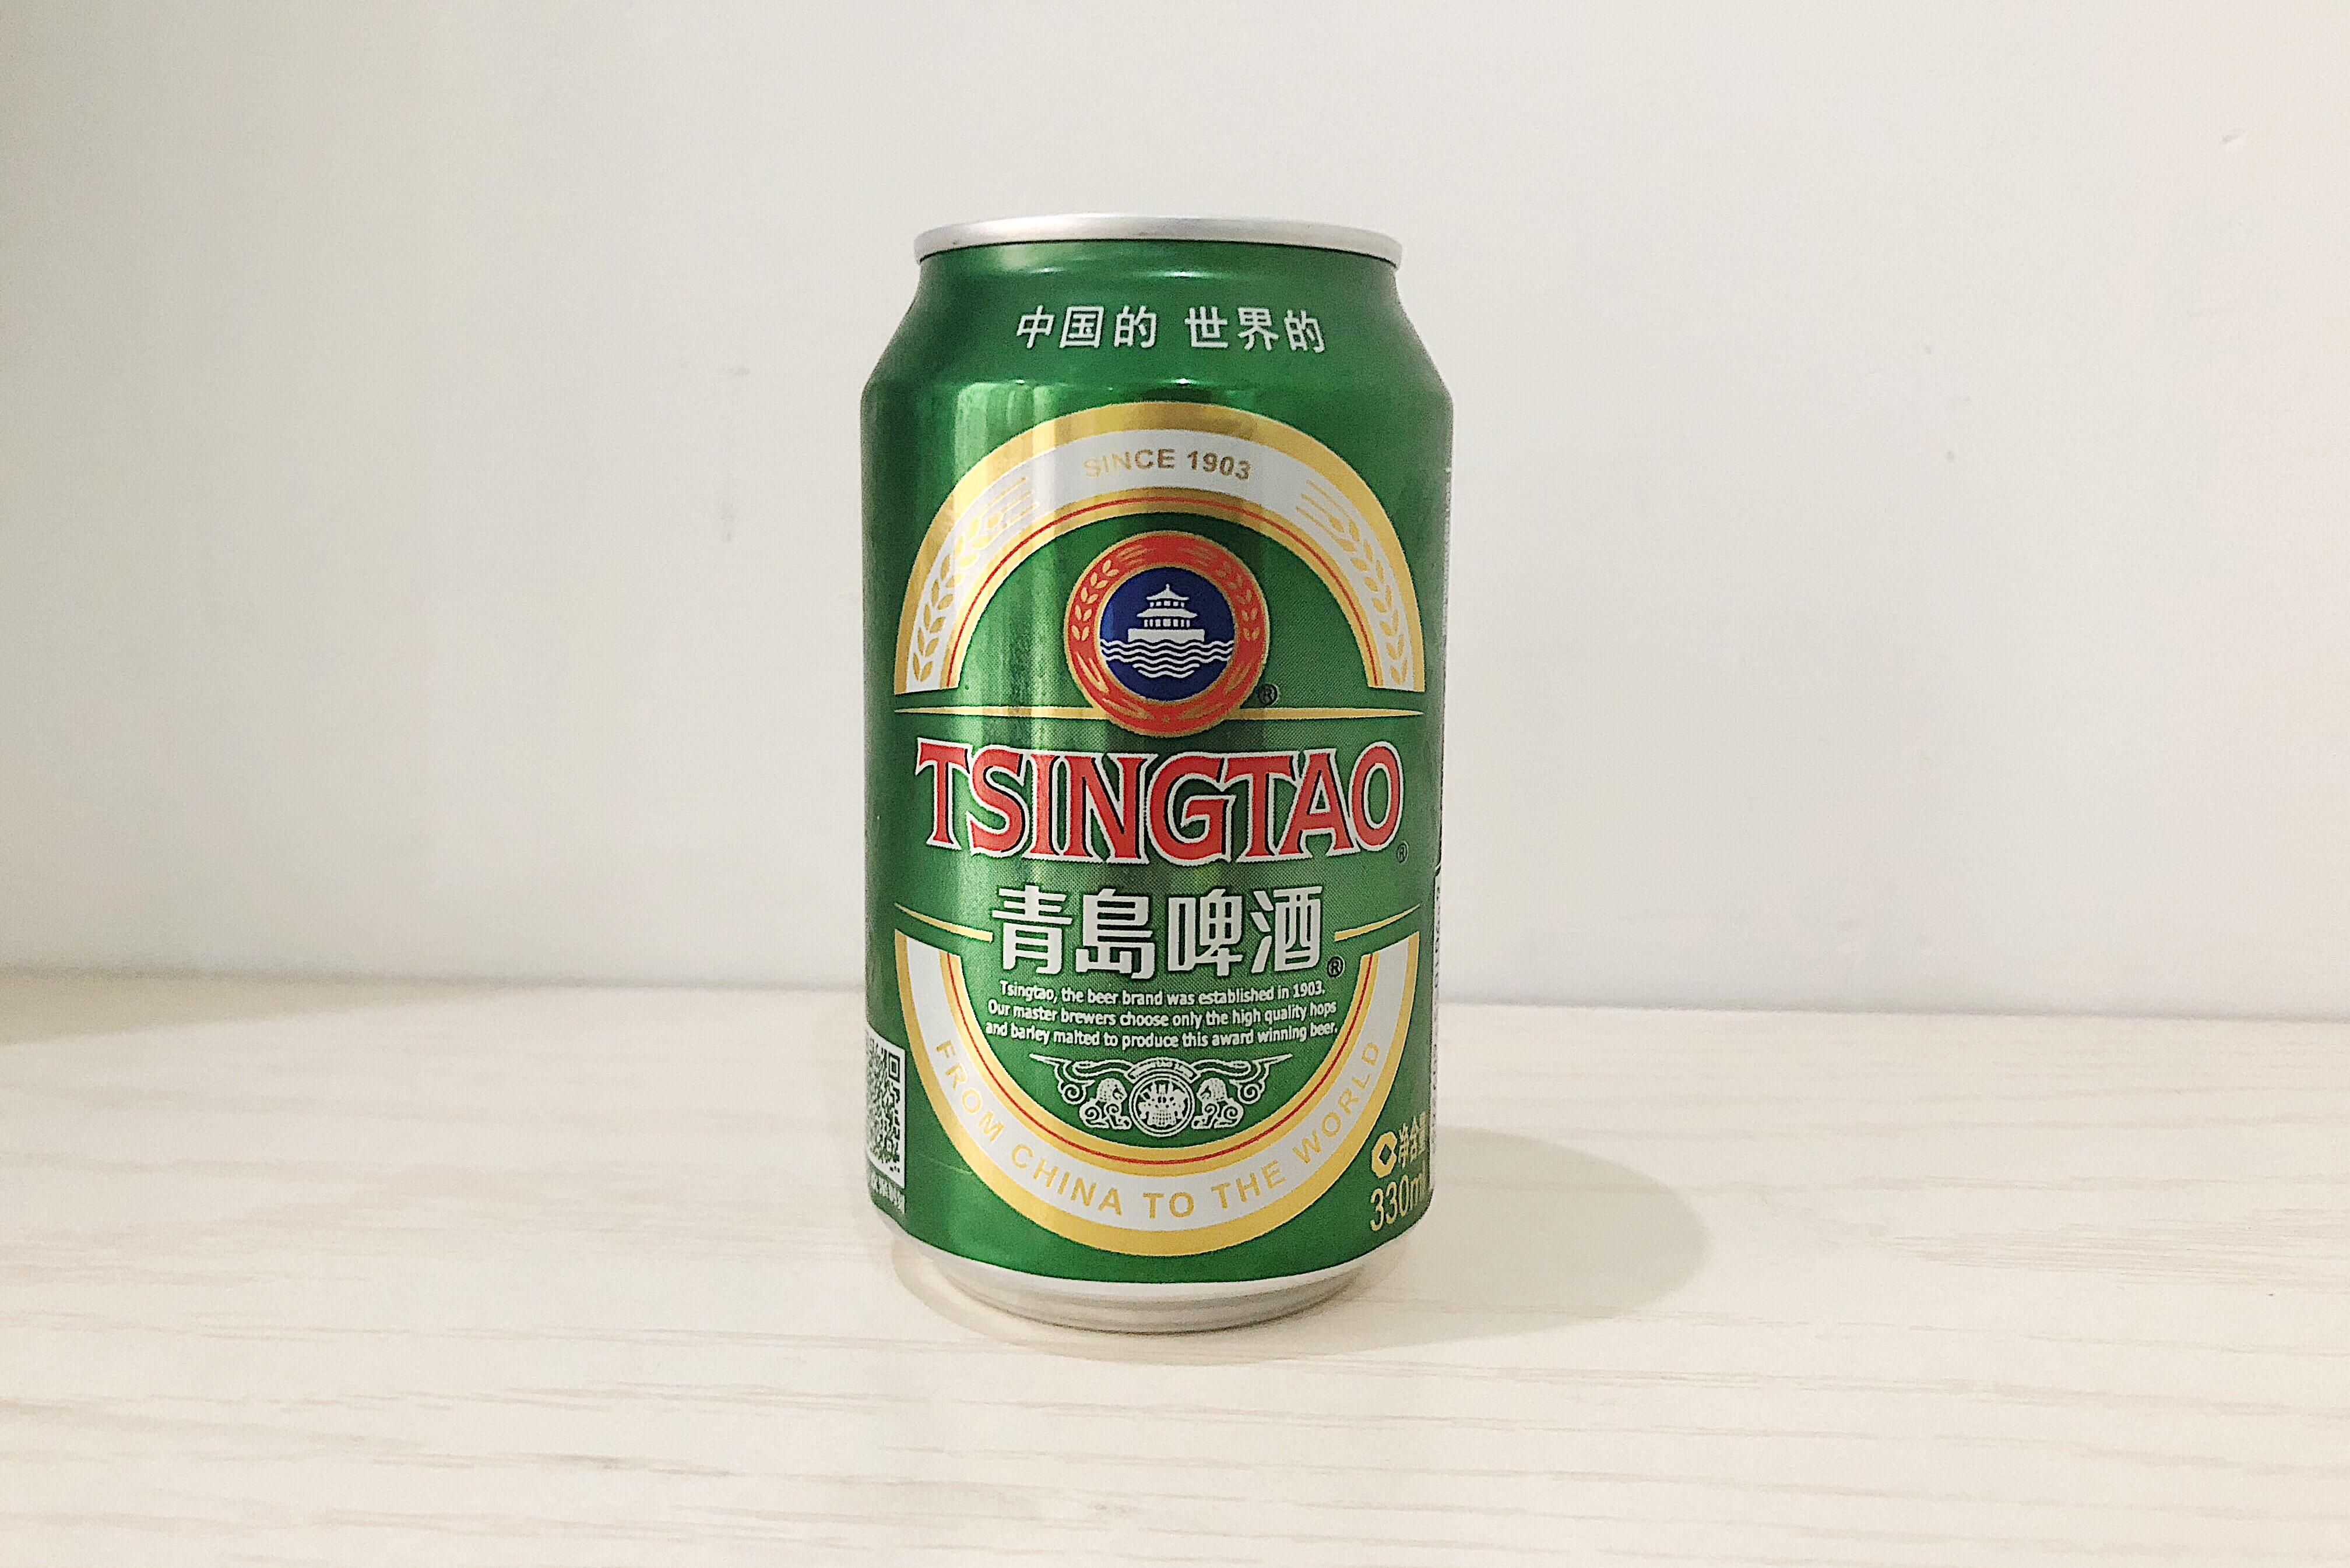 青島で飲む青島ビールは果たして美味いのか!?